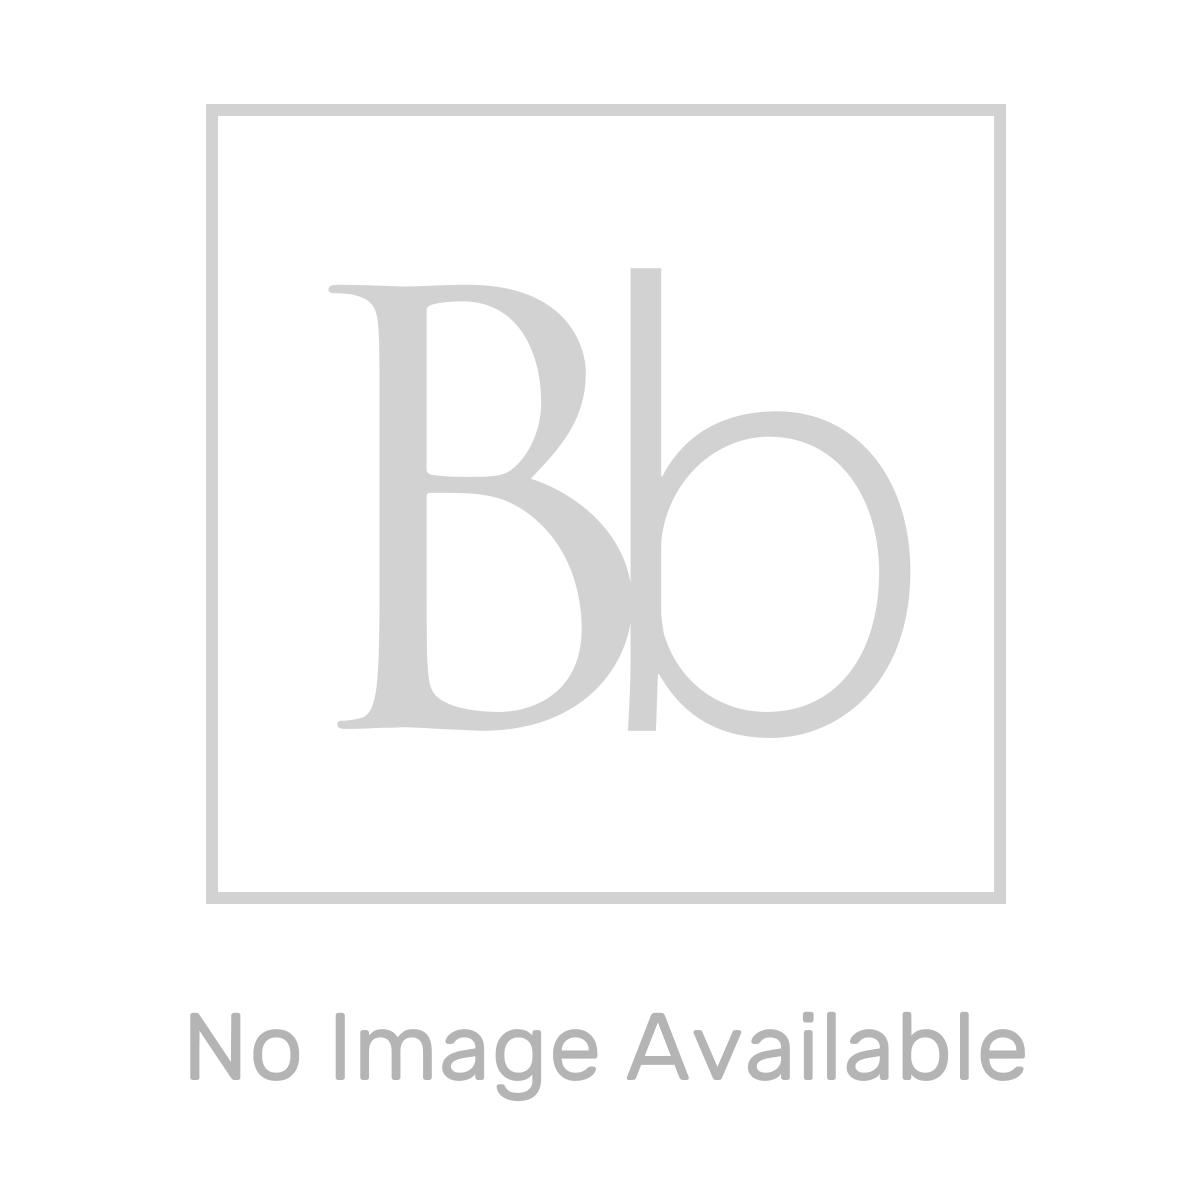 Nuie Eden Gloss White Floor Standing Vanity Unit 500mm